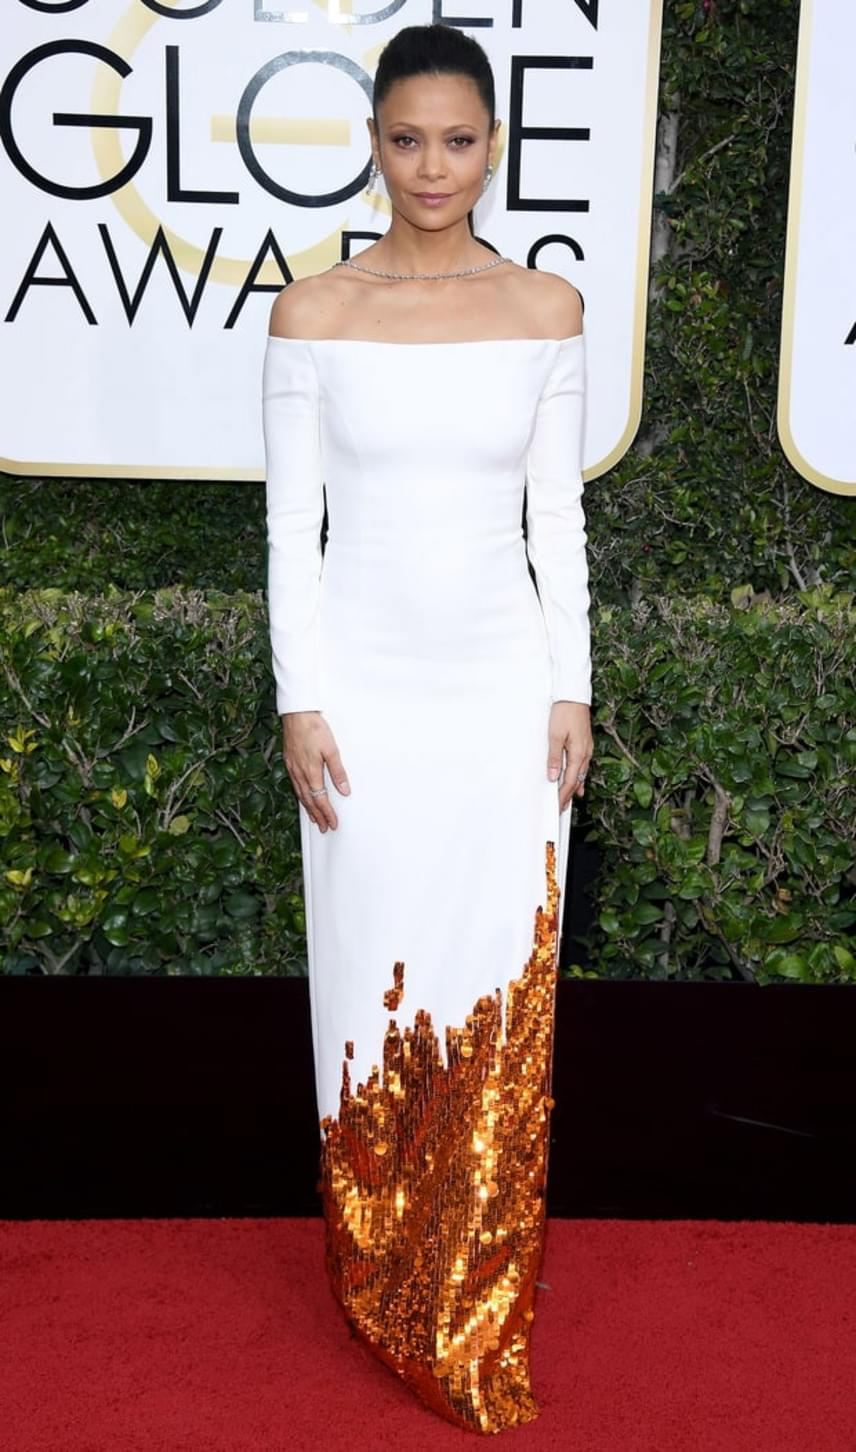 A Westworld sztárja, Thandie Newton egy egyszerű, fehér maxiruhára voksolt, amit a csillogó arany aljrész dobott fel.